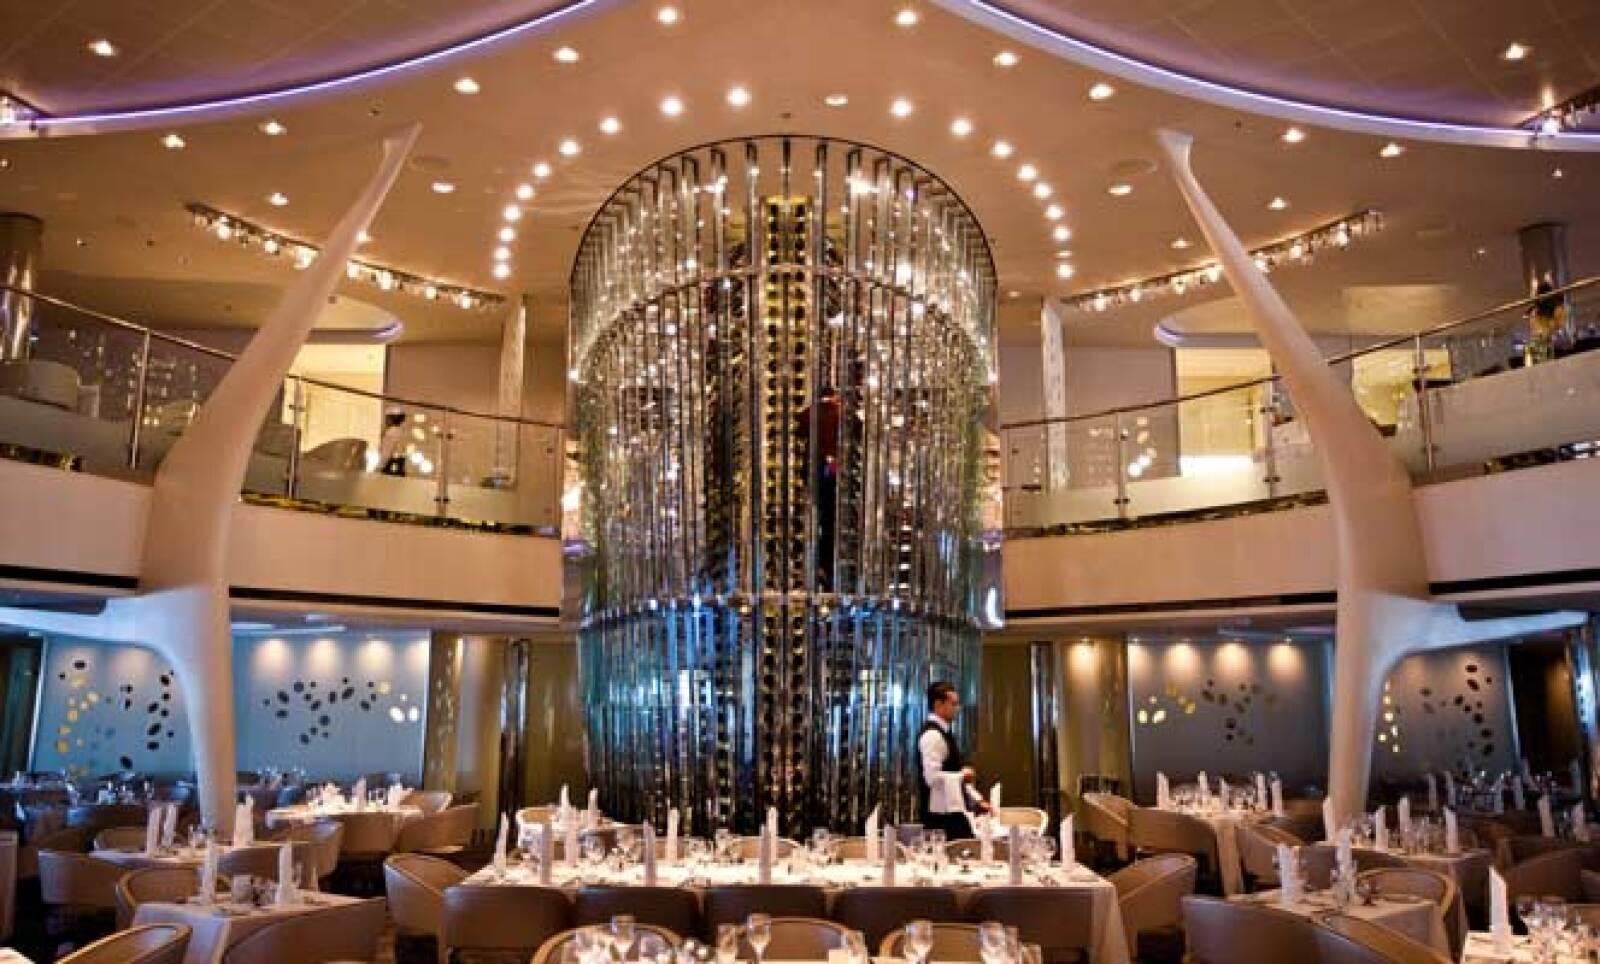 Los pasajeros podrán encontrar decoración de la mejor calidad en varios de sus espacios, fabricados por varias firmas de lujo europeas.